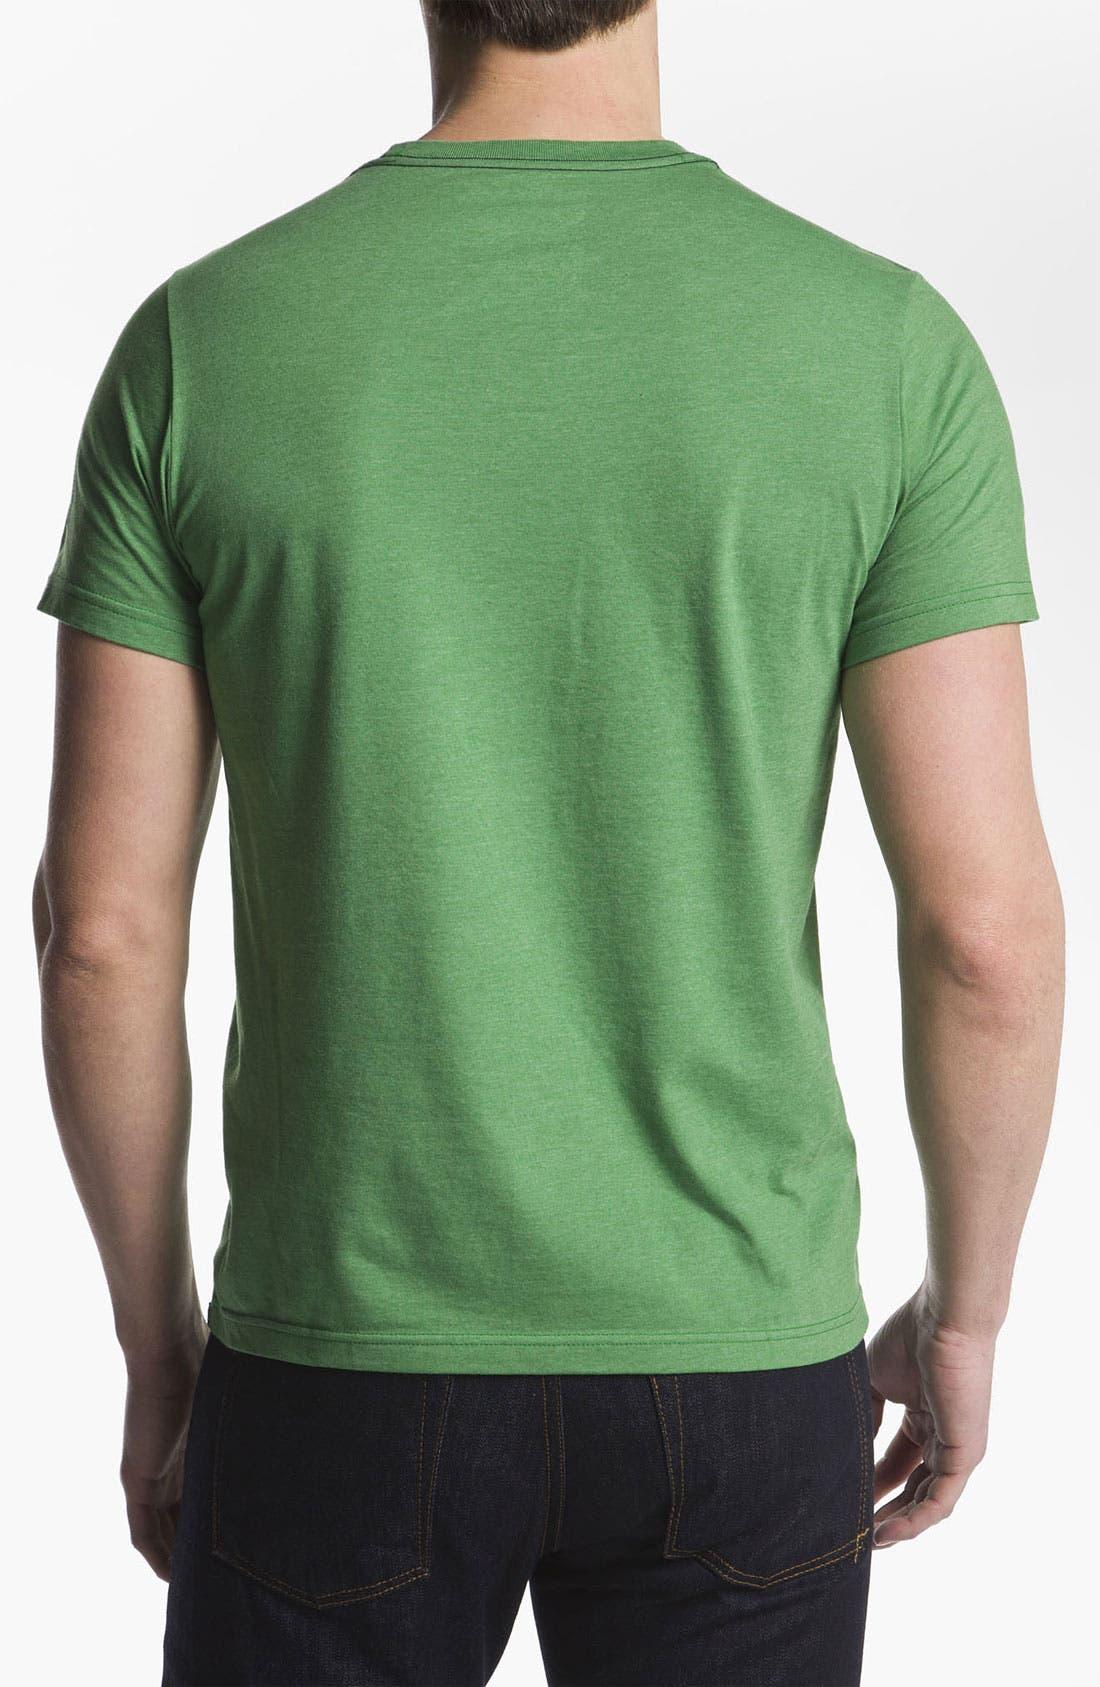 Alternate Image 2  - Hurley 'Slainte' T-Shirt